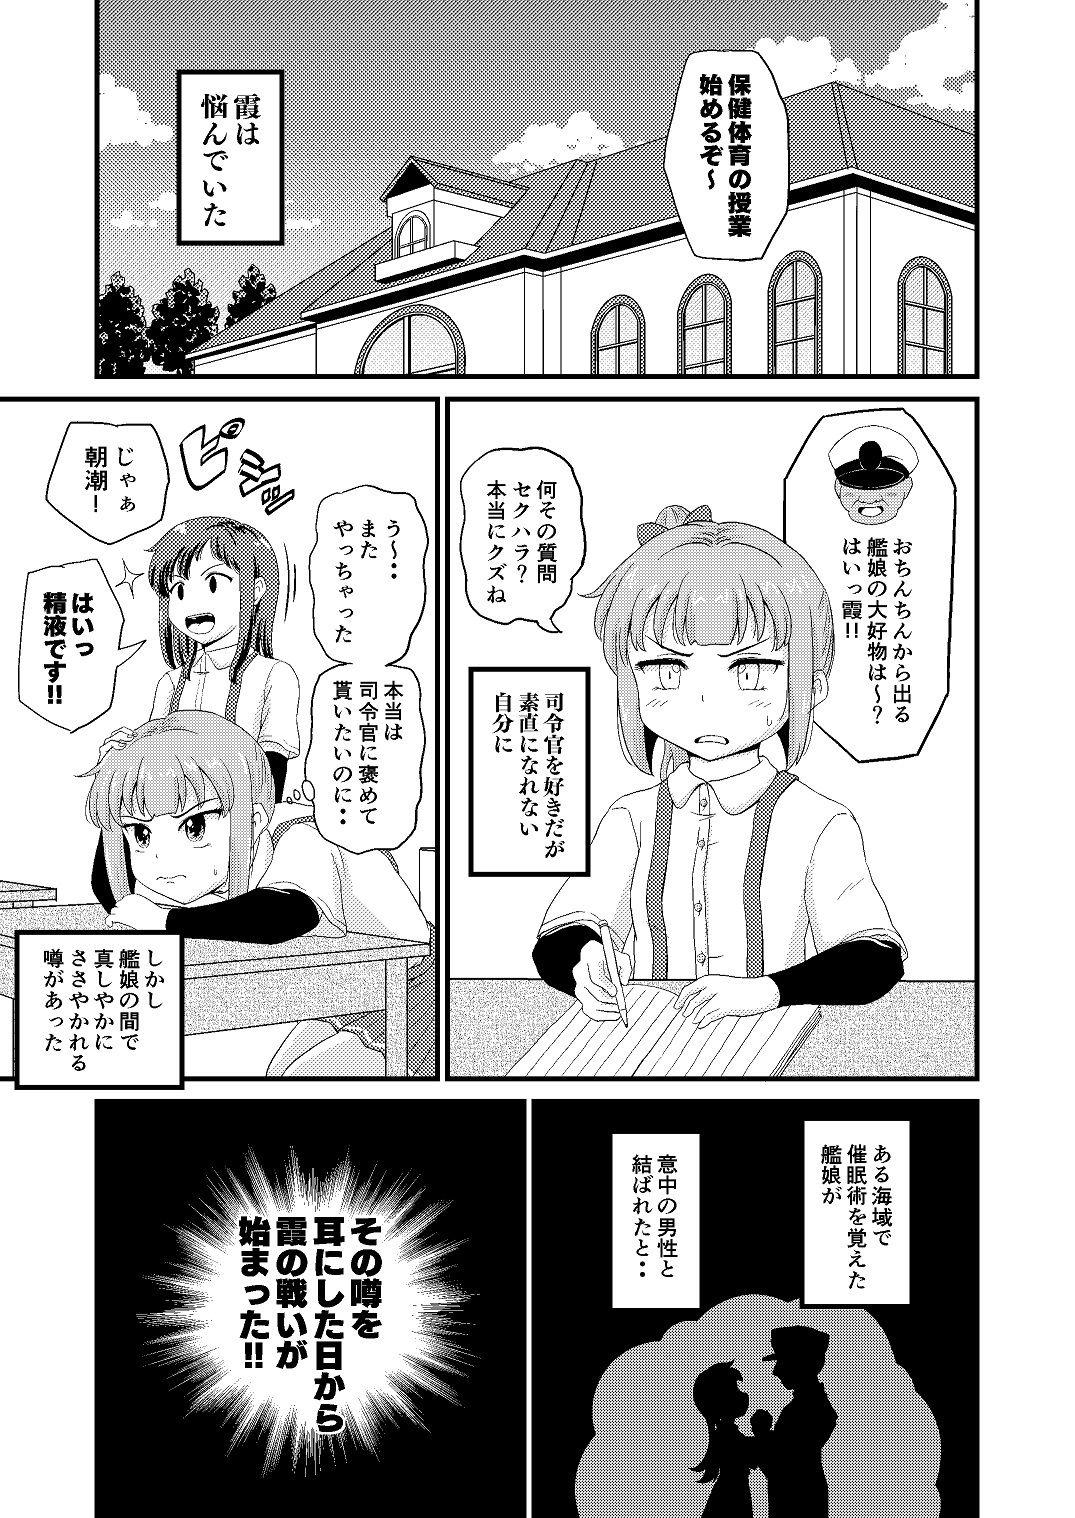 https://www.dmm.co.jp/dc/doujin/-/detail/=/cid=d_147427/